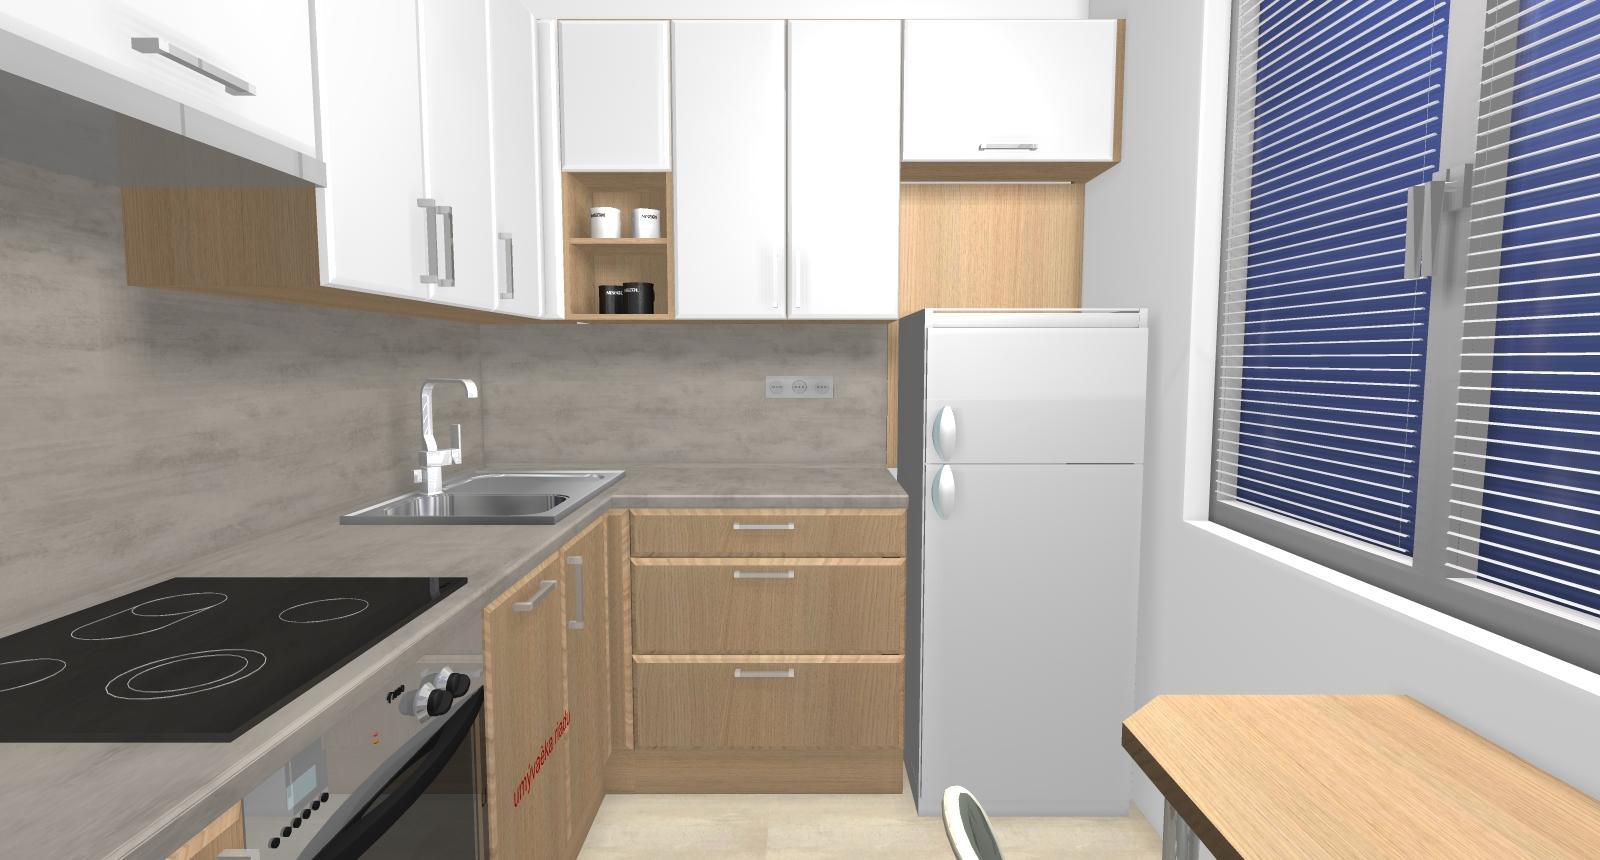 Grafické návrhy kuchynských liniek 2019 - Grafický návrh kuchynskej linky do paneláku v BB verzia 1 - obr.3